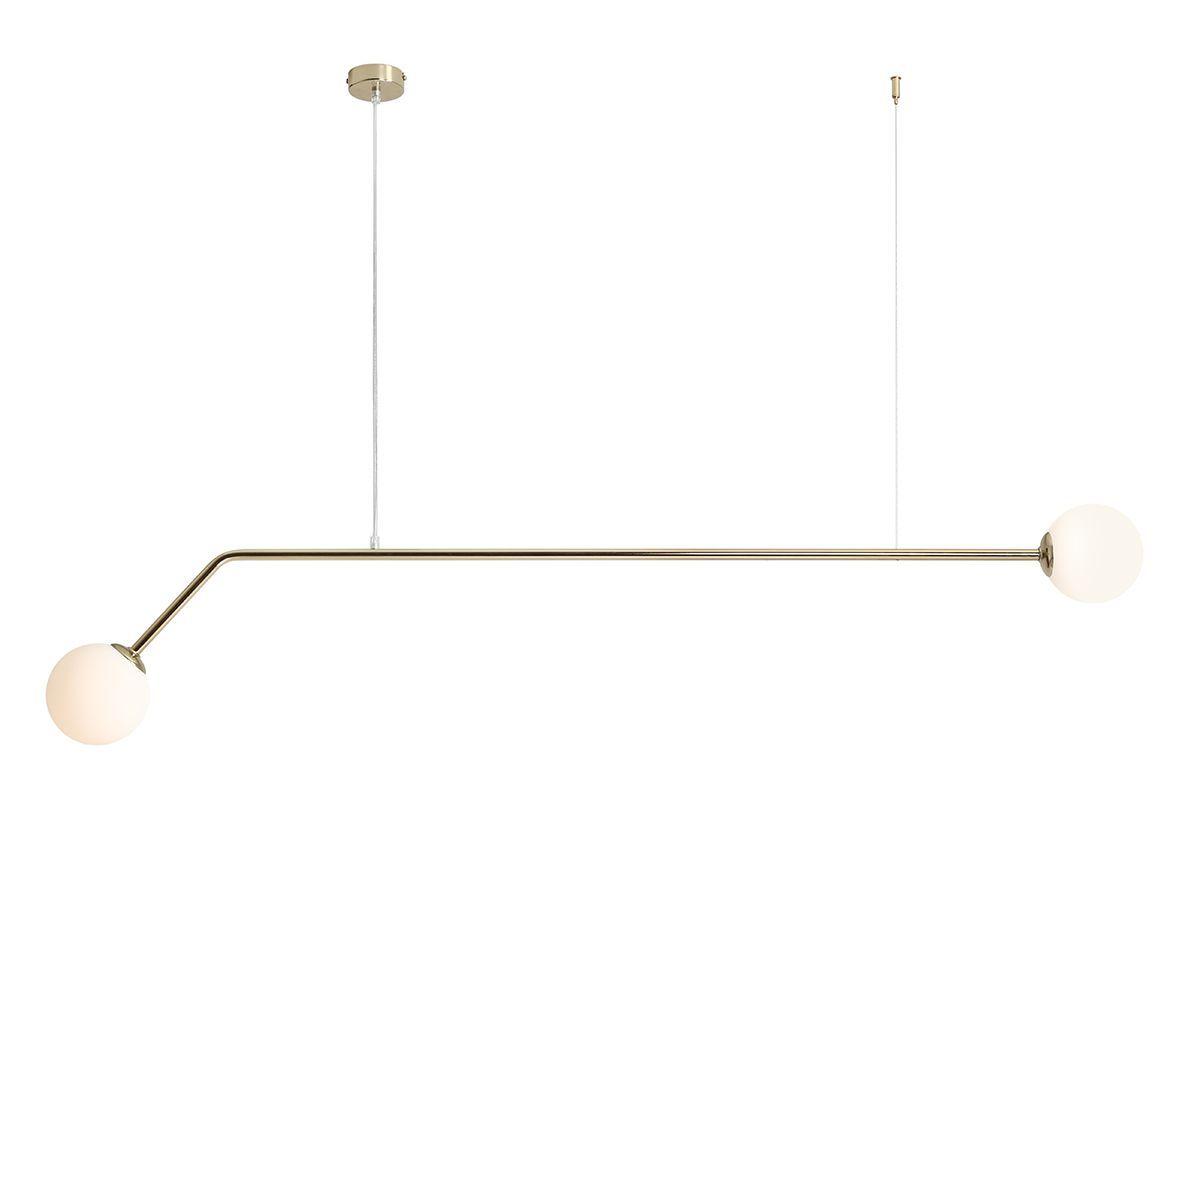 Lampa wisząca Aldex x2 Pure Gold 1064H30